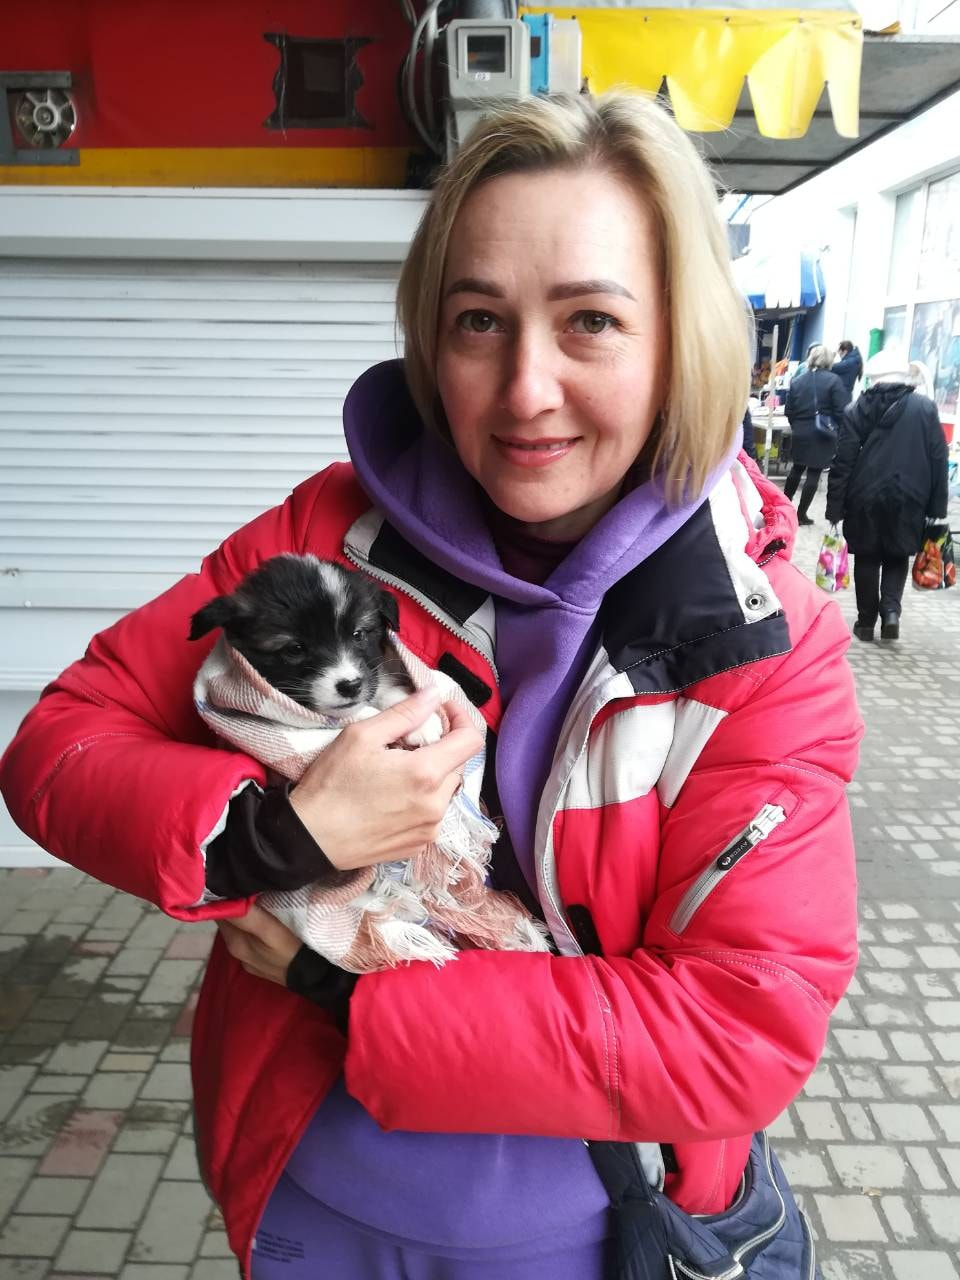 Бездомные животные отправились в новые семьи благодаря волонтерам